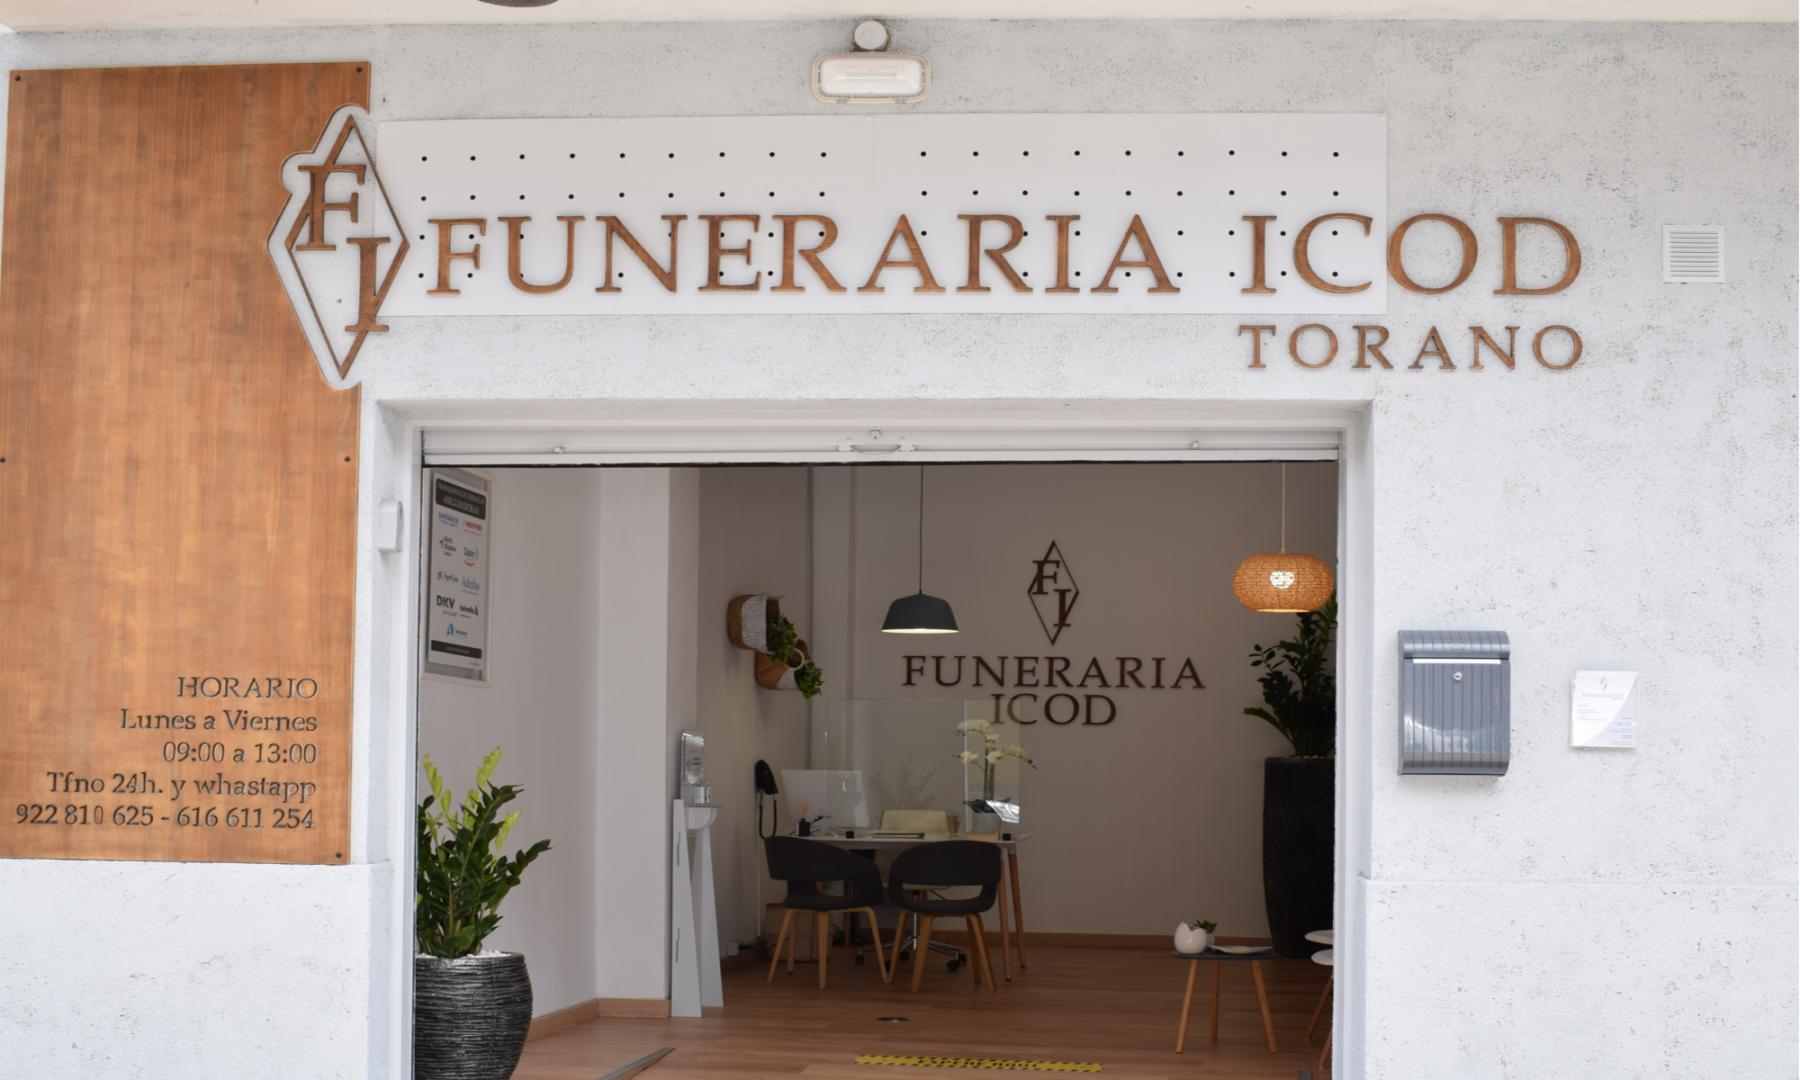 Oficina Los Silos Funeraria Icod Torano